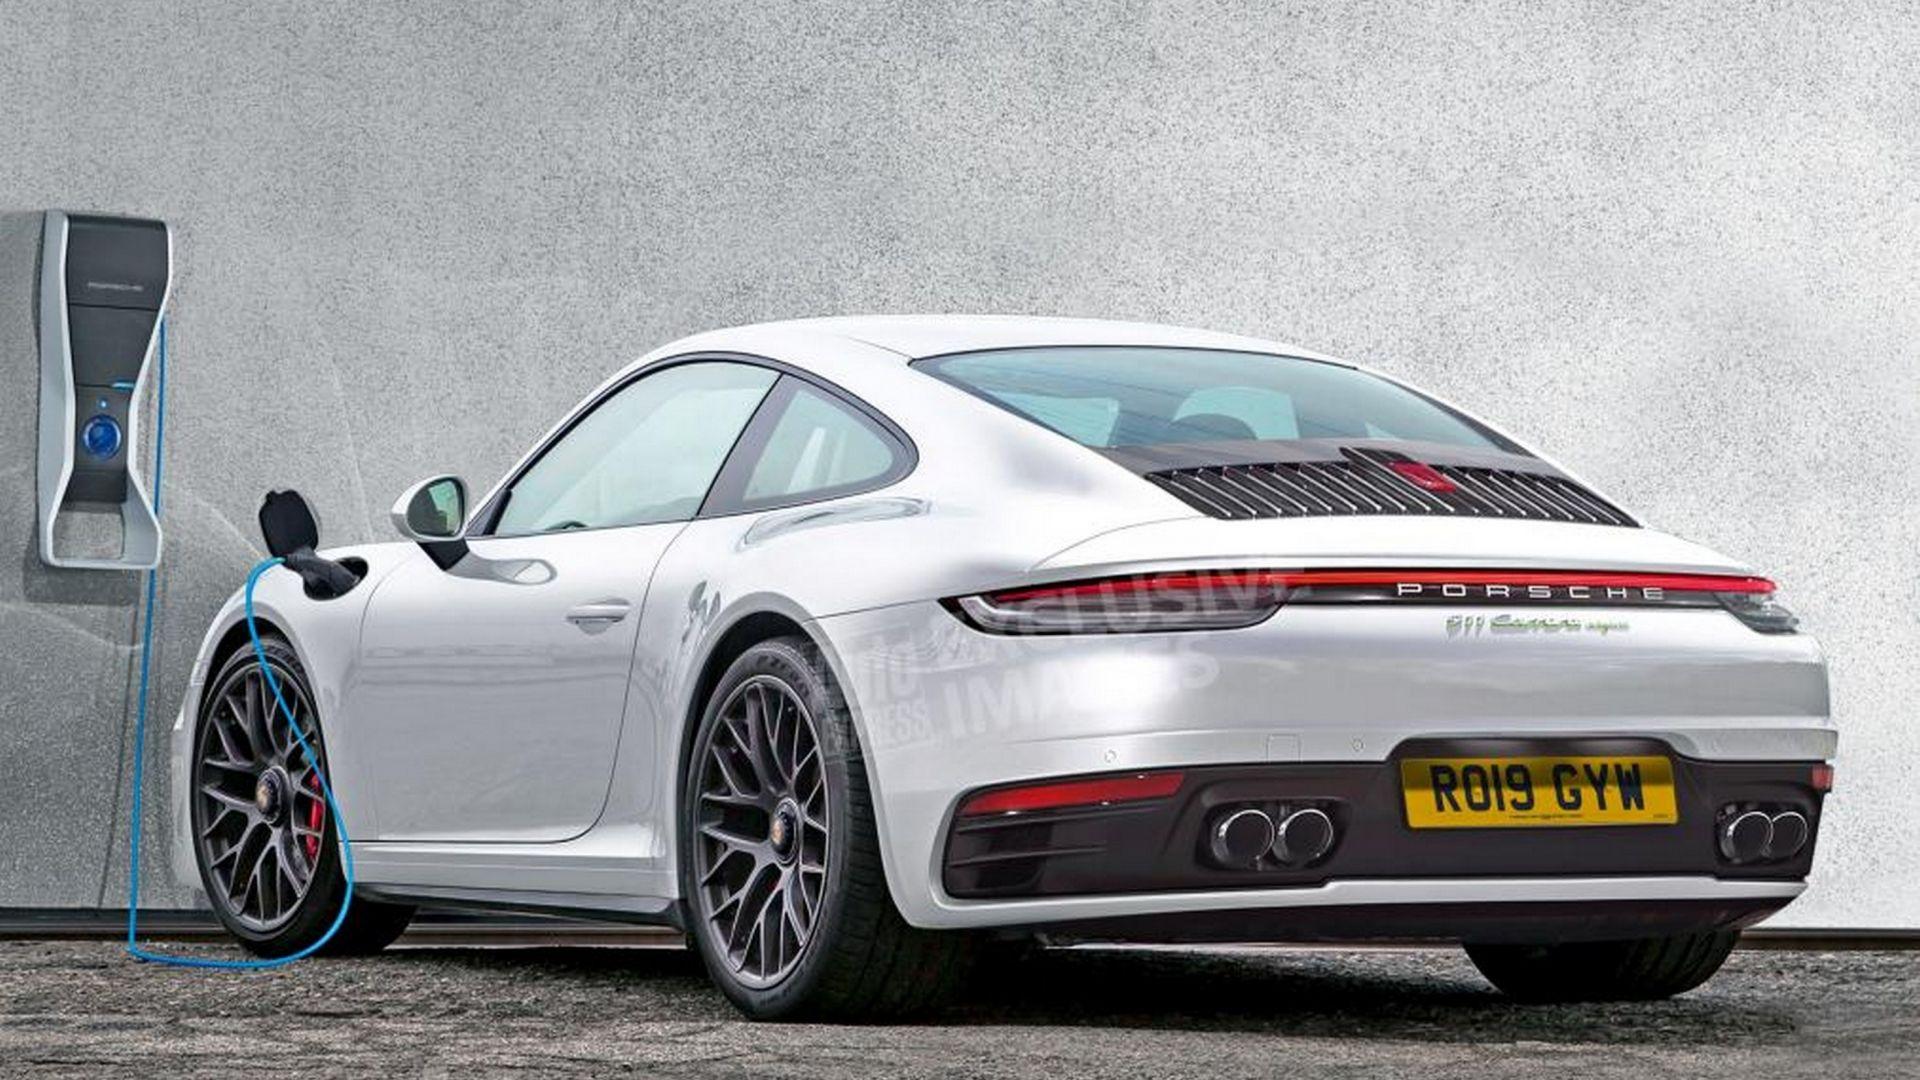 Nuova Porsche 911 2019 Scheda Tecnica Ibrida Plug In